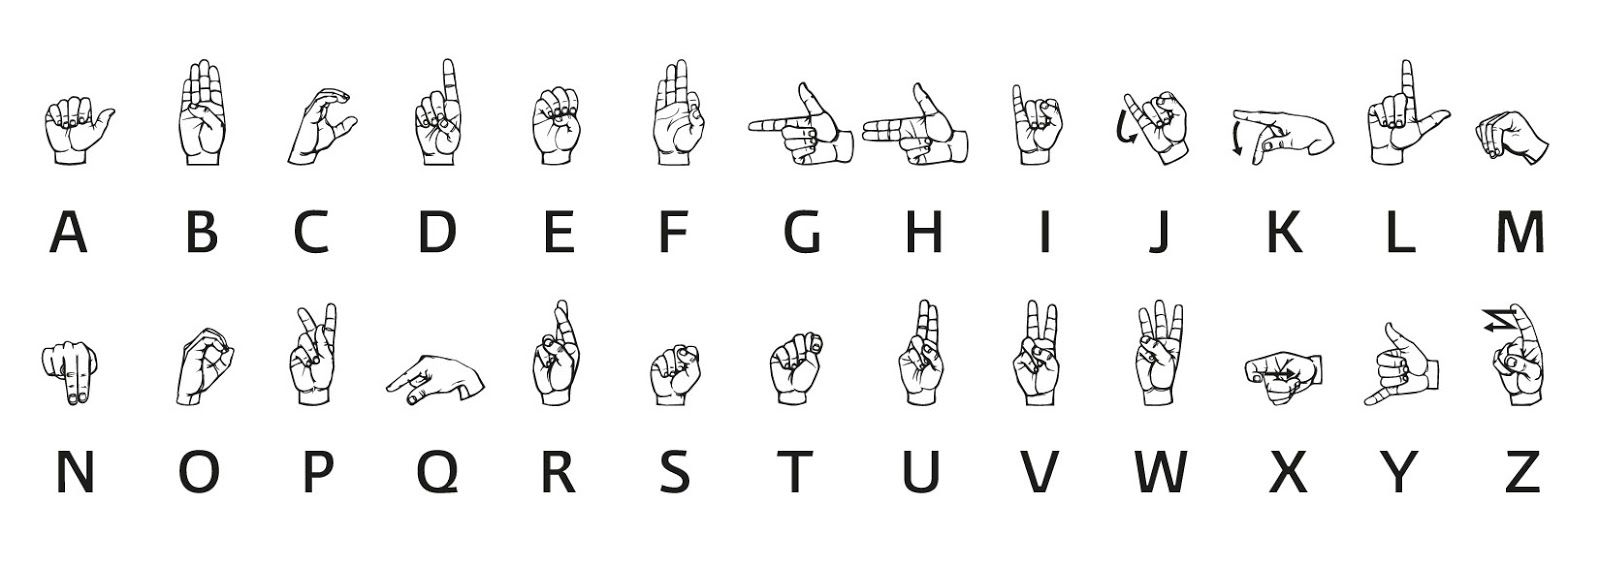 Resultados de la búsqueda de imágenes: lenguaje de señas para sordo ...